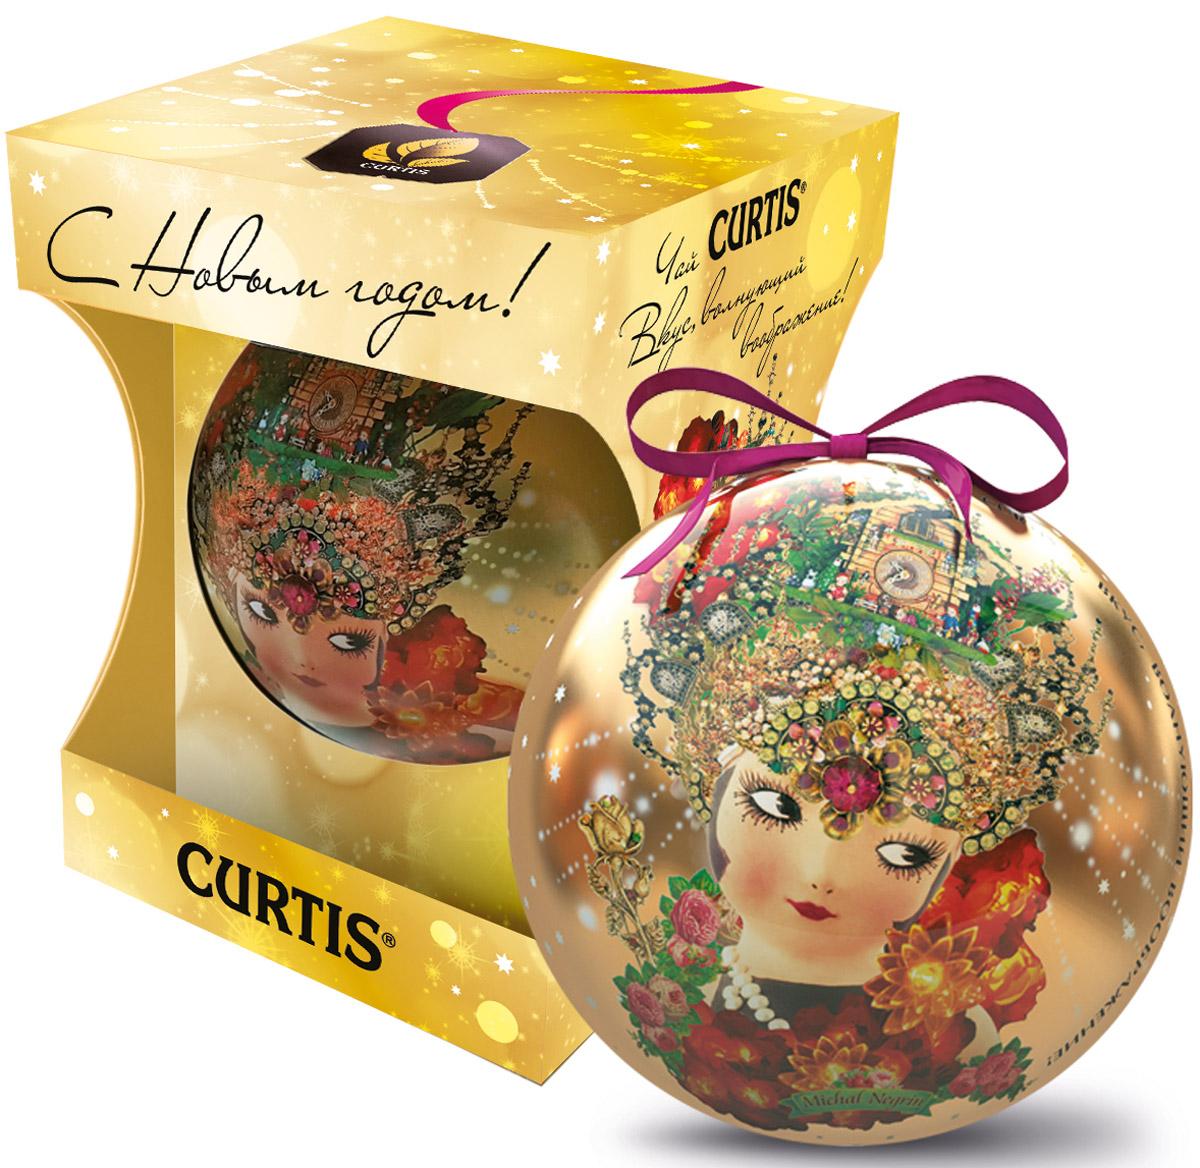 Curtis She-Shy Christmas Ball желтый, черный листовой чай, 30 г0120710Превосходный черный цейлонский чай Curtis She-Shy Christmas Ball в новогодней подарочной упаковке в форме шара золотого цвета. Отлично подойдет в качестве подарка на новогодние праздники.Уважаемые клиенты! Обращаем ваше внимание на то, что упаковка может иметь несколько видов дизайна. Поставка осуществляется в зависимости от наличия на складе.